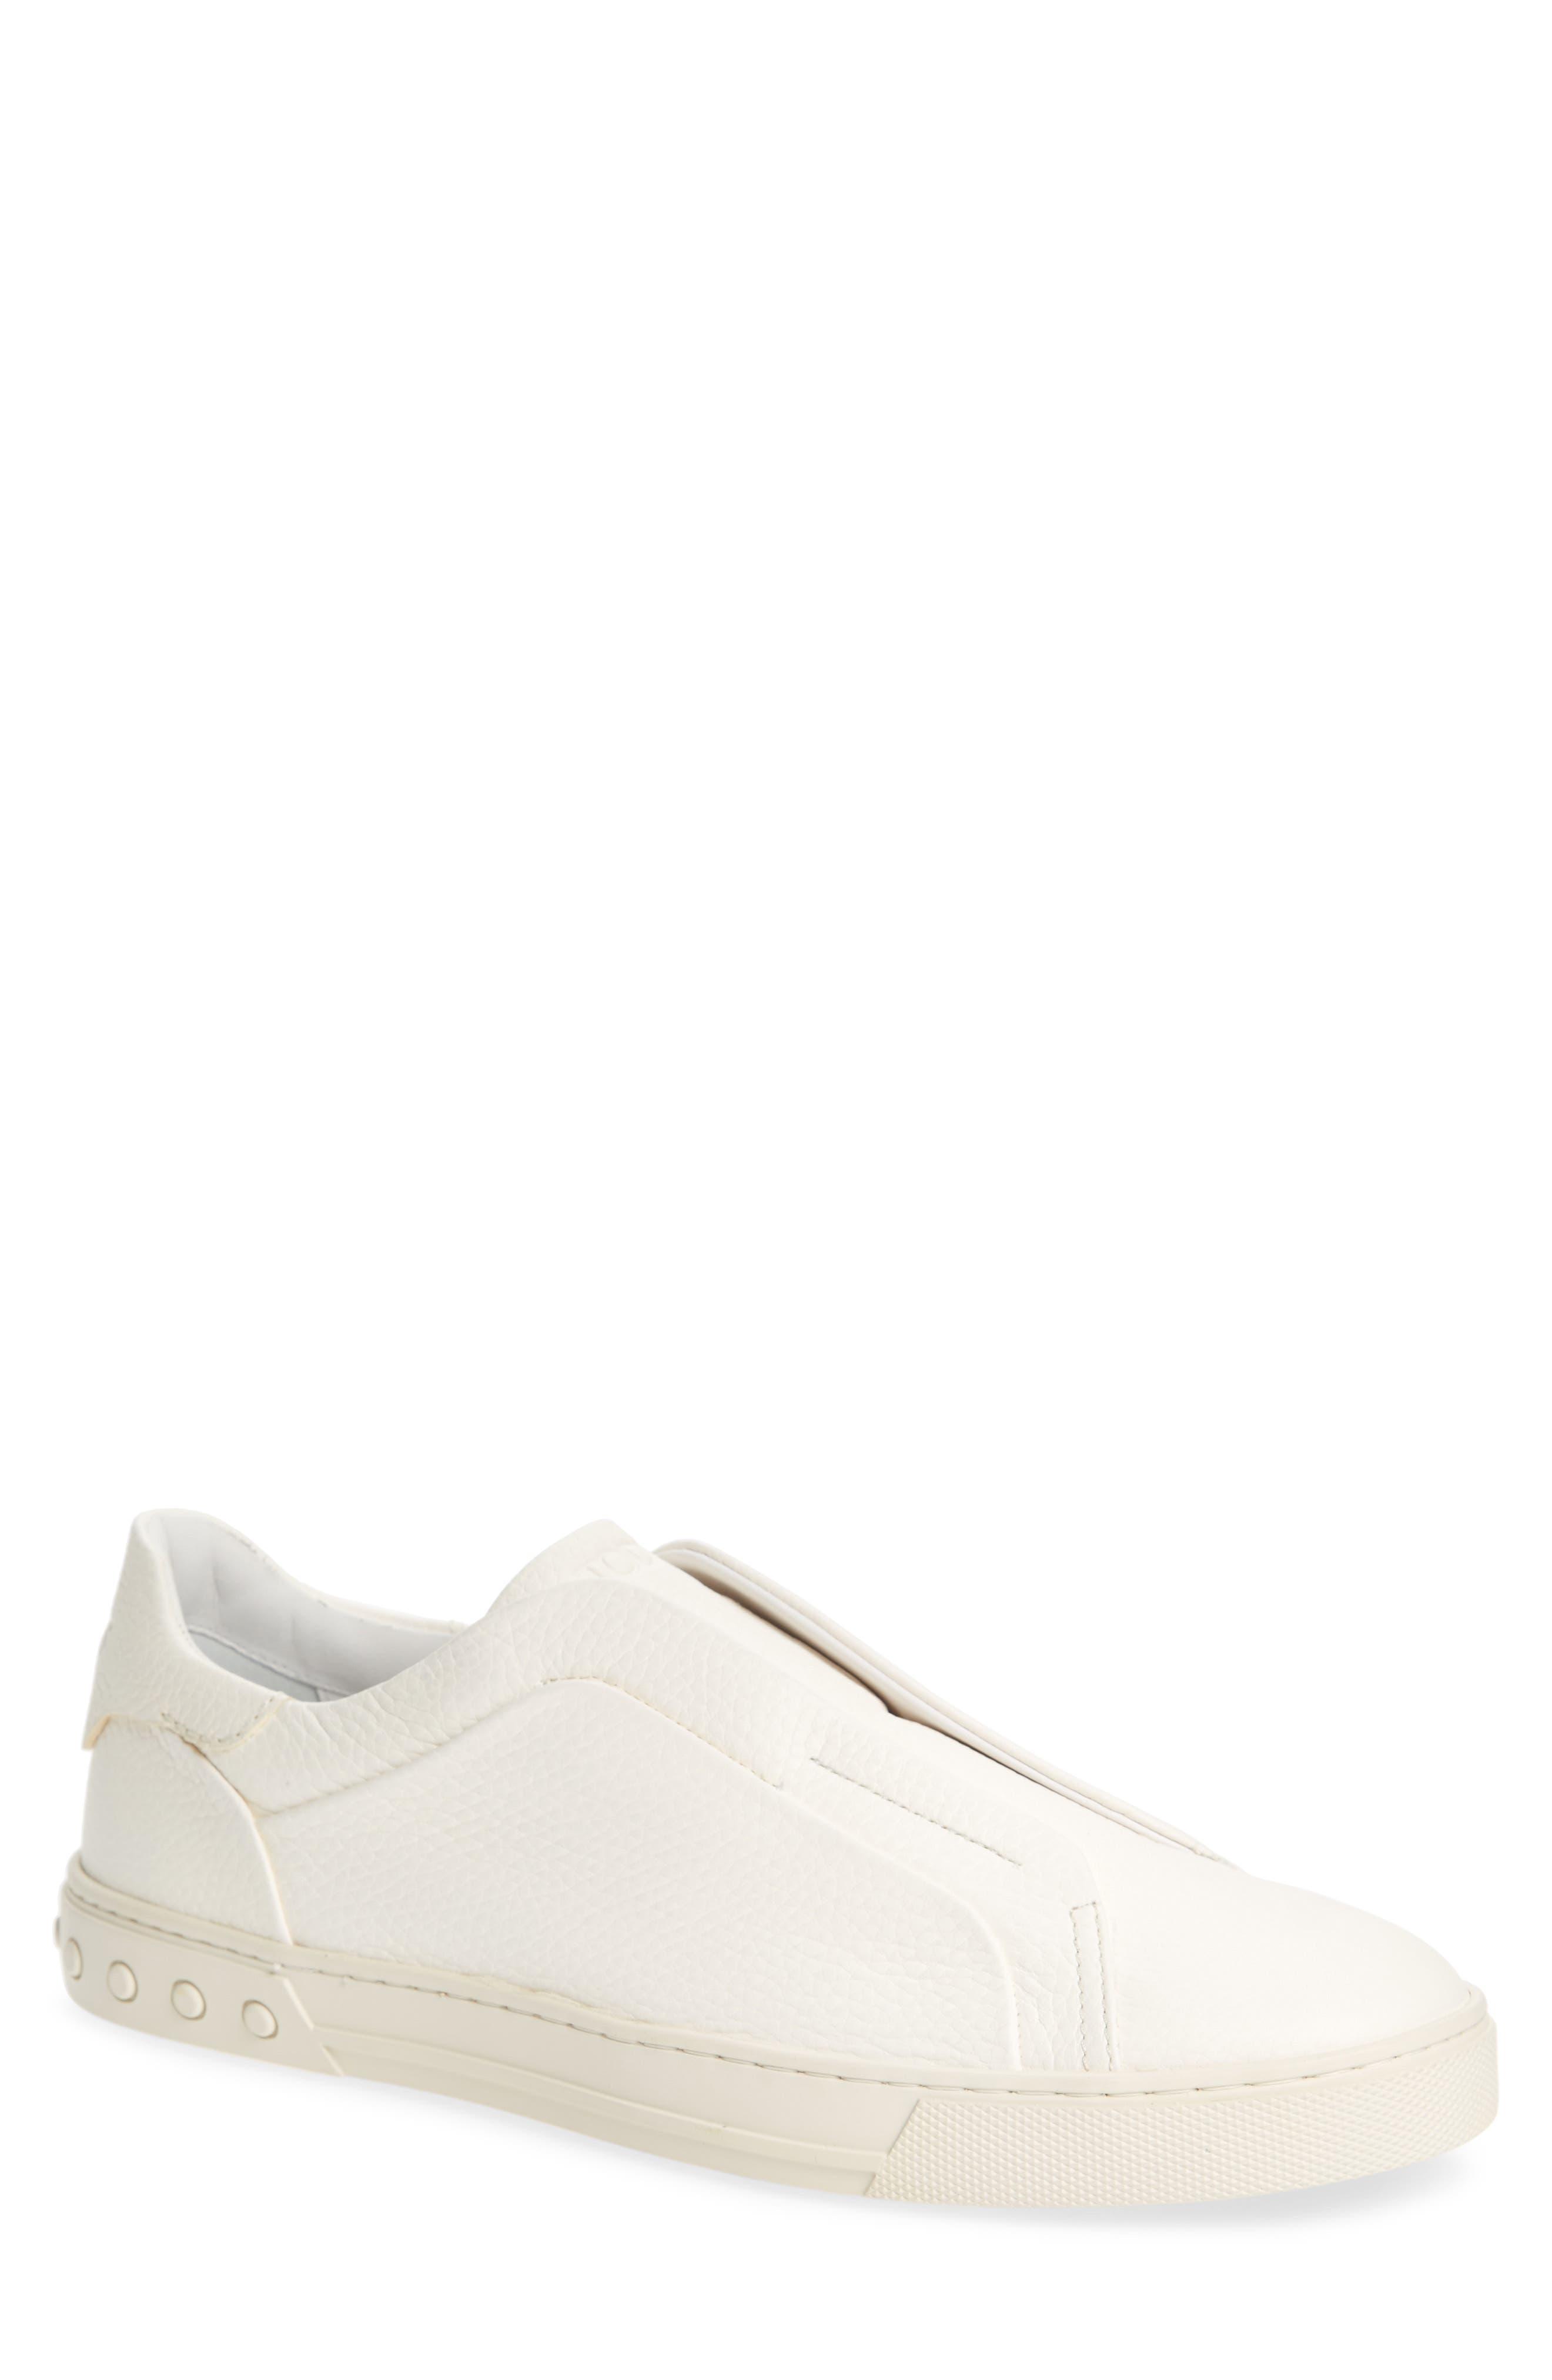 Cassetta Slip-on Sneaker,                         Main,                         color, 100